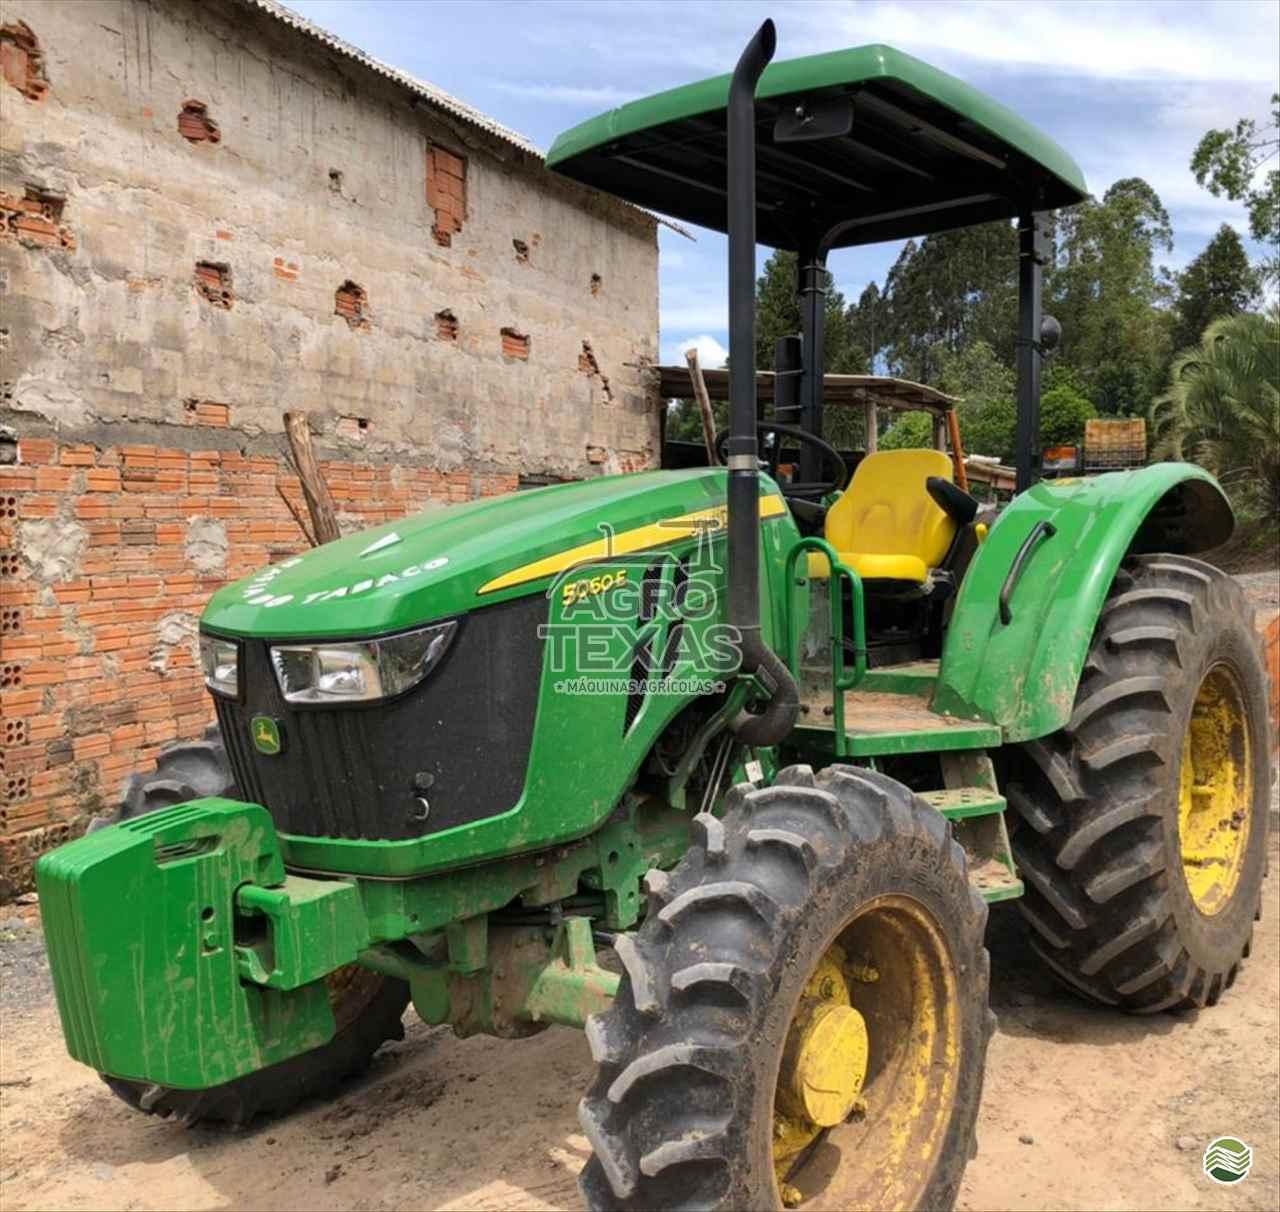 TRATOR JOHN DEERE JOHN DEERE 5060 Tração 4x4 Agro Texas Máquinas Agrícolas VITORINO PARANÁ PR